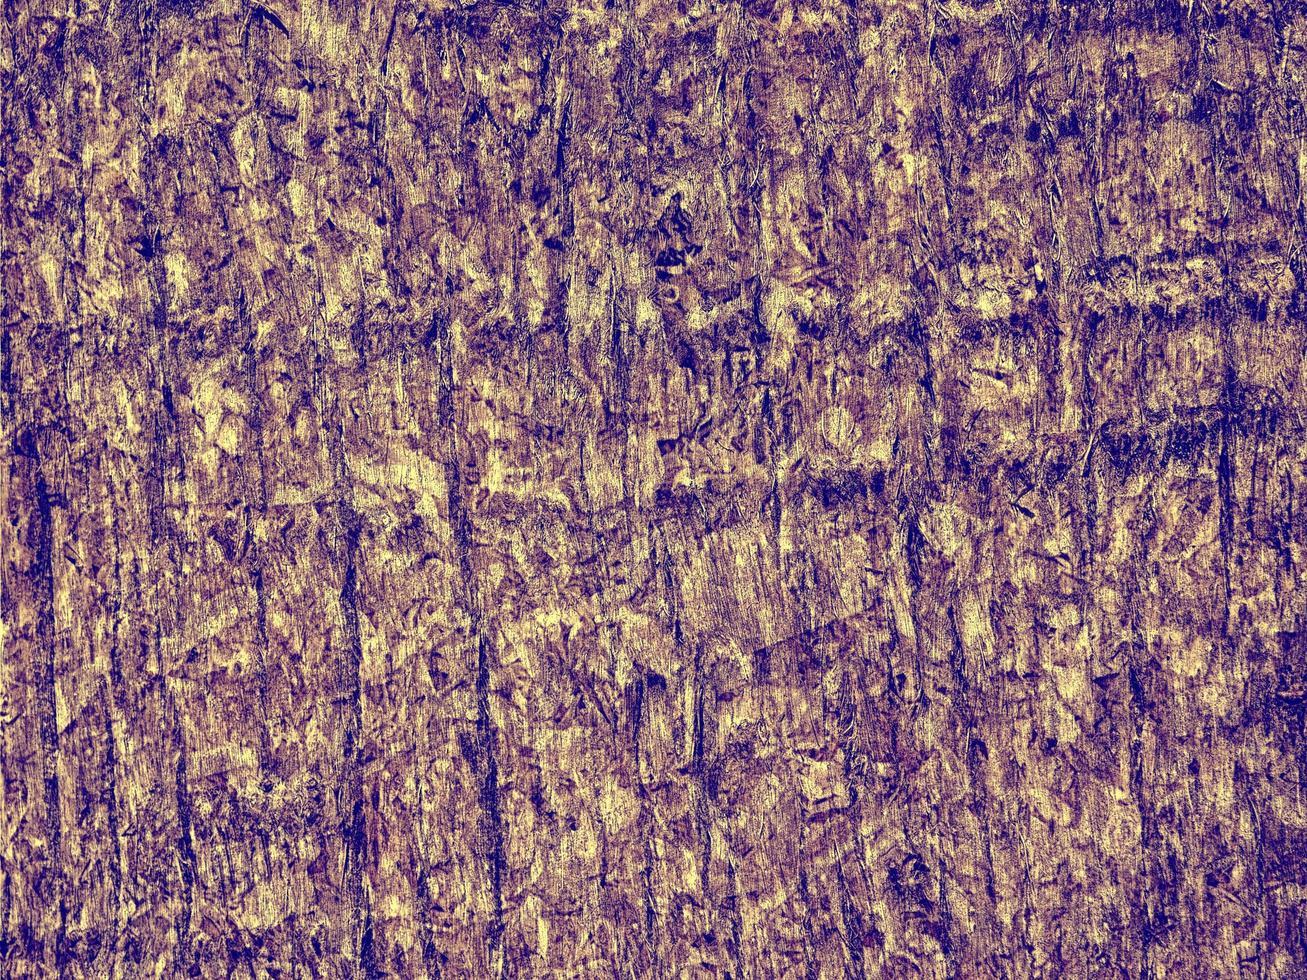 houtstructuur in de tuin foto